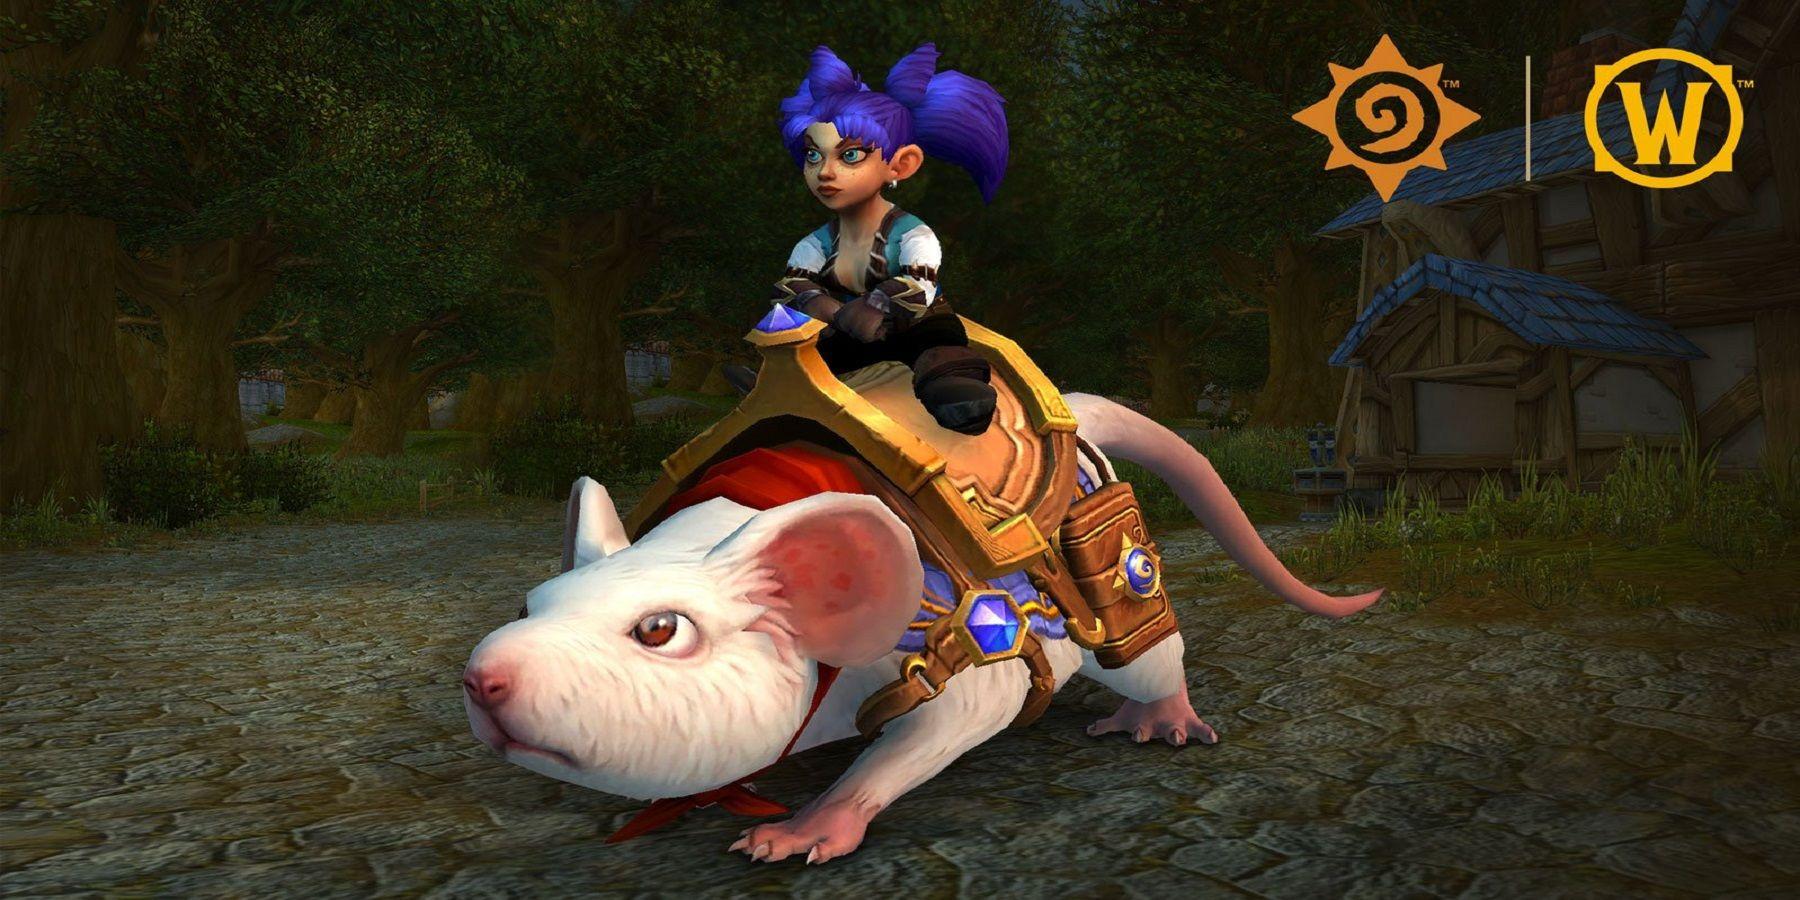 World of Warcraft Fan Edit apporte une grande amélioration à la nouvelle monture Hearthstone